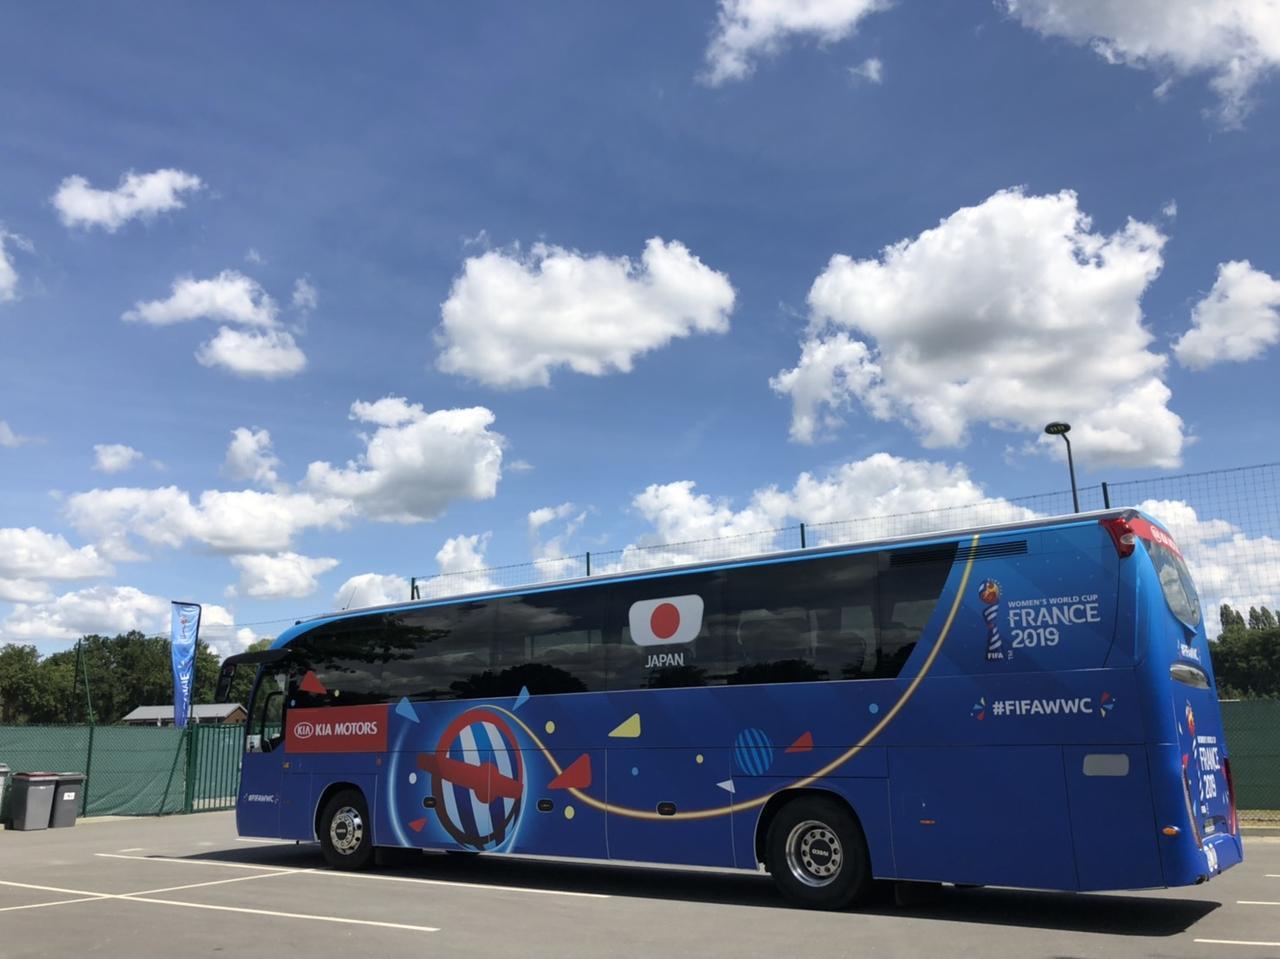 画像: 移動に使われるチームバス。日の丸があしらわれたデザインだ(写真◎日々野真理)